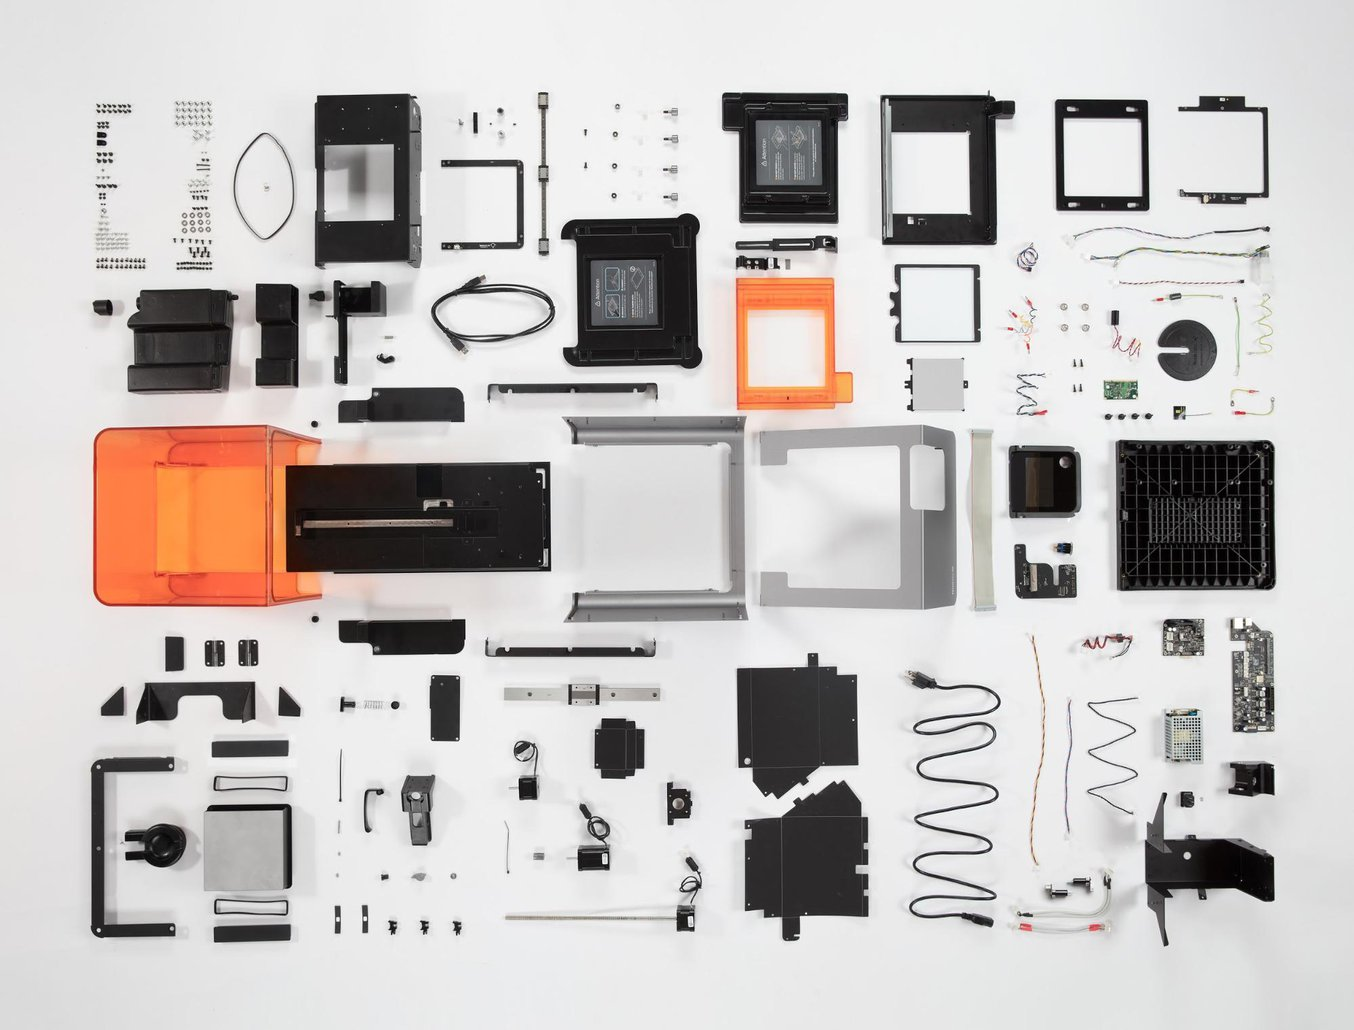 Parti e componenti della stampante 3D stereolitografica desktop Form 2. Leggi il teardown approfondito di Bunnie Huang.